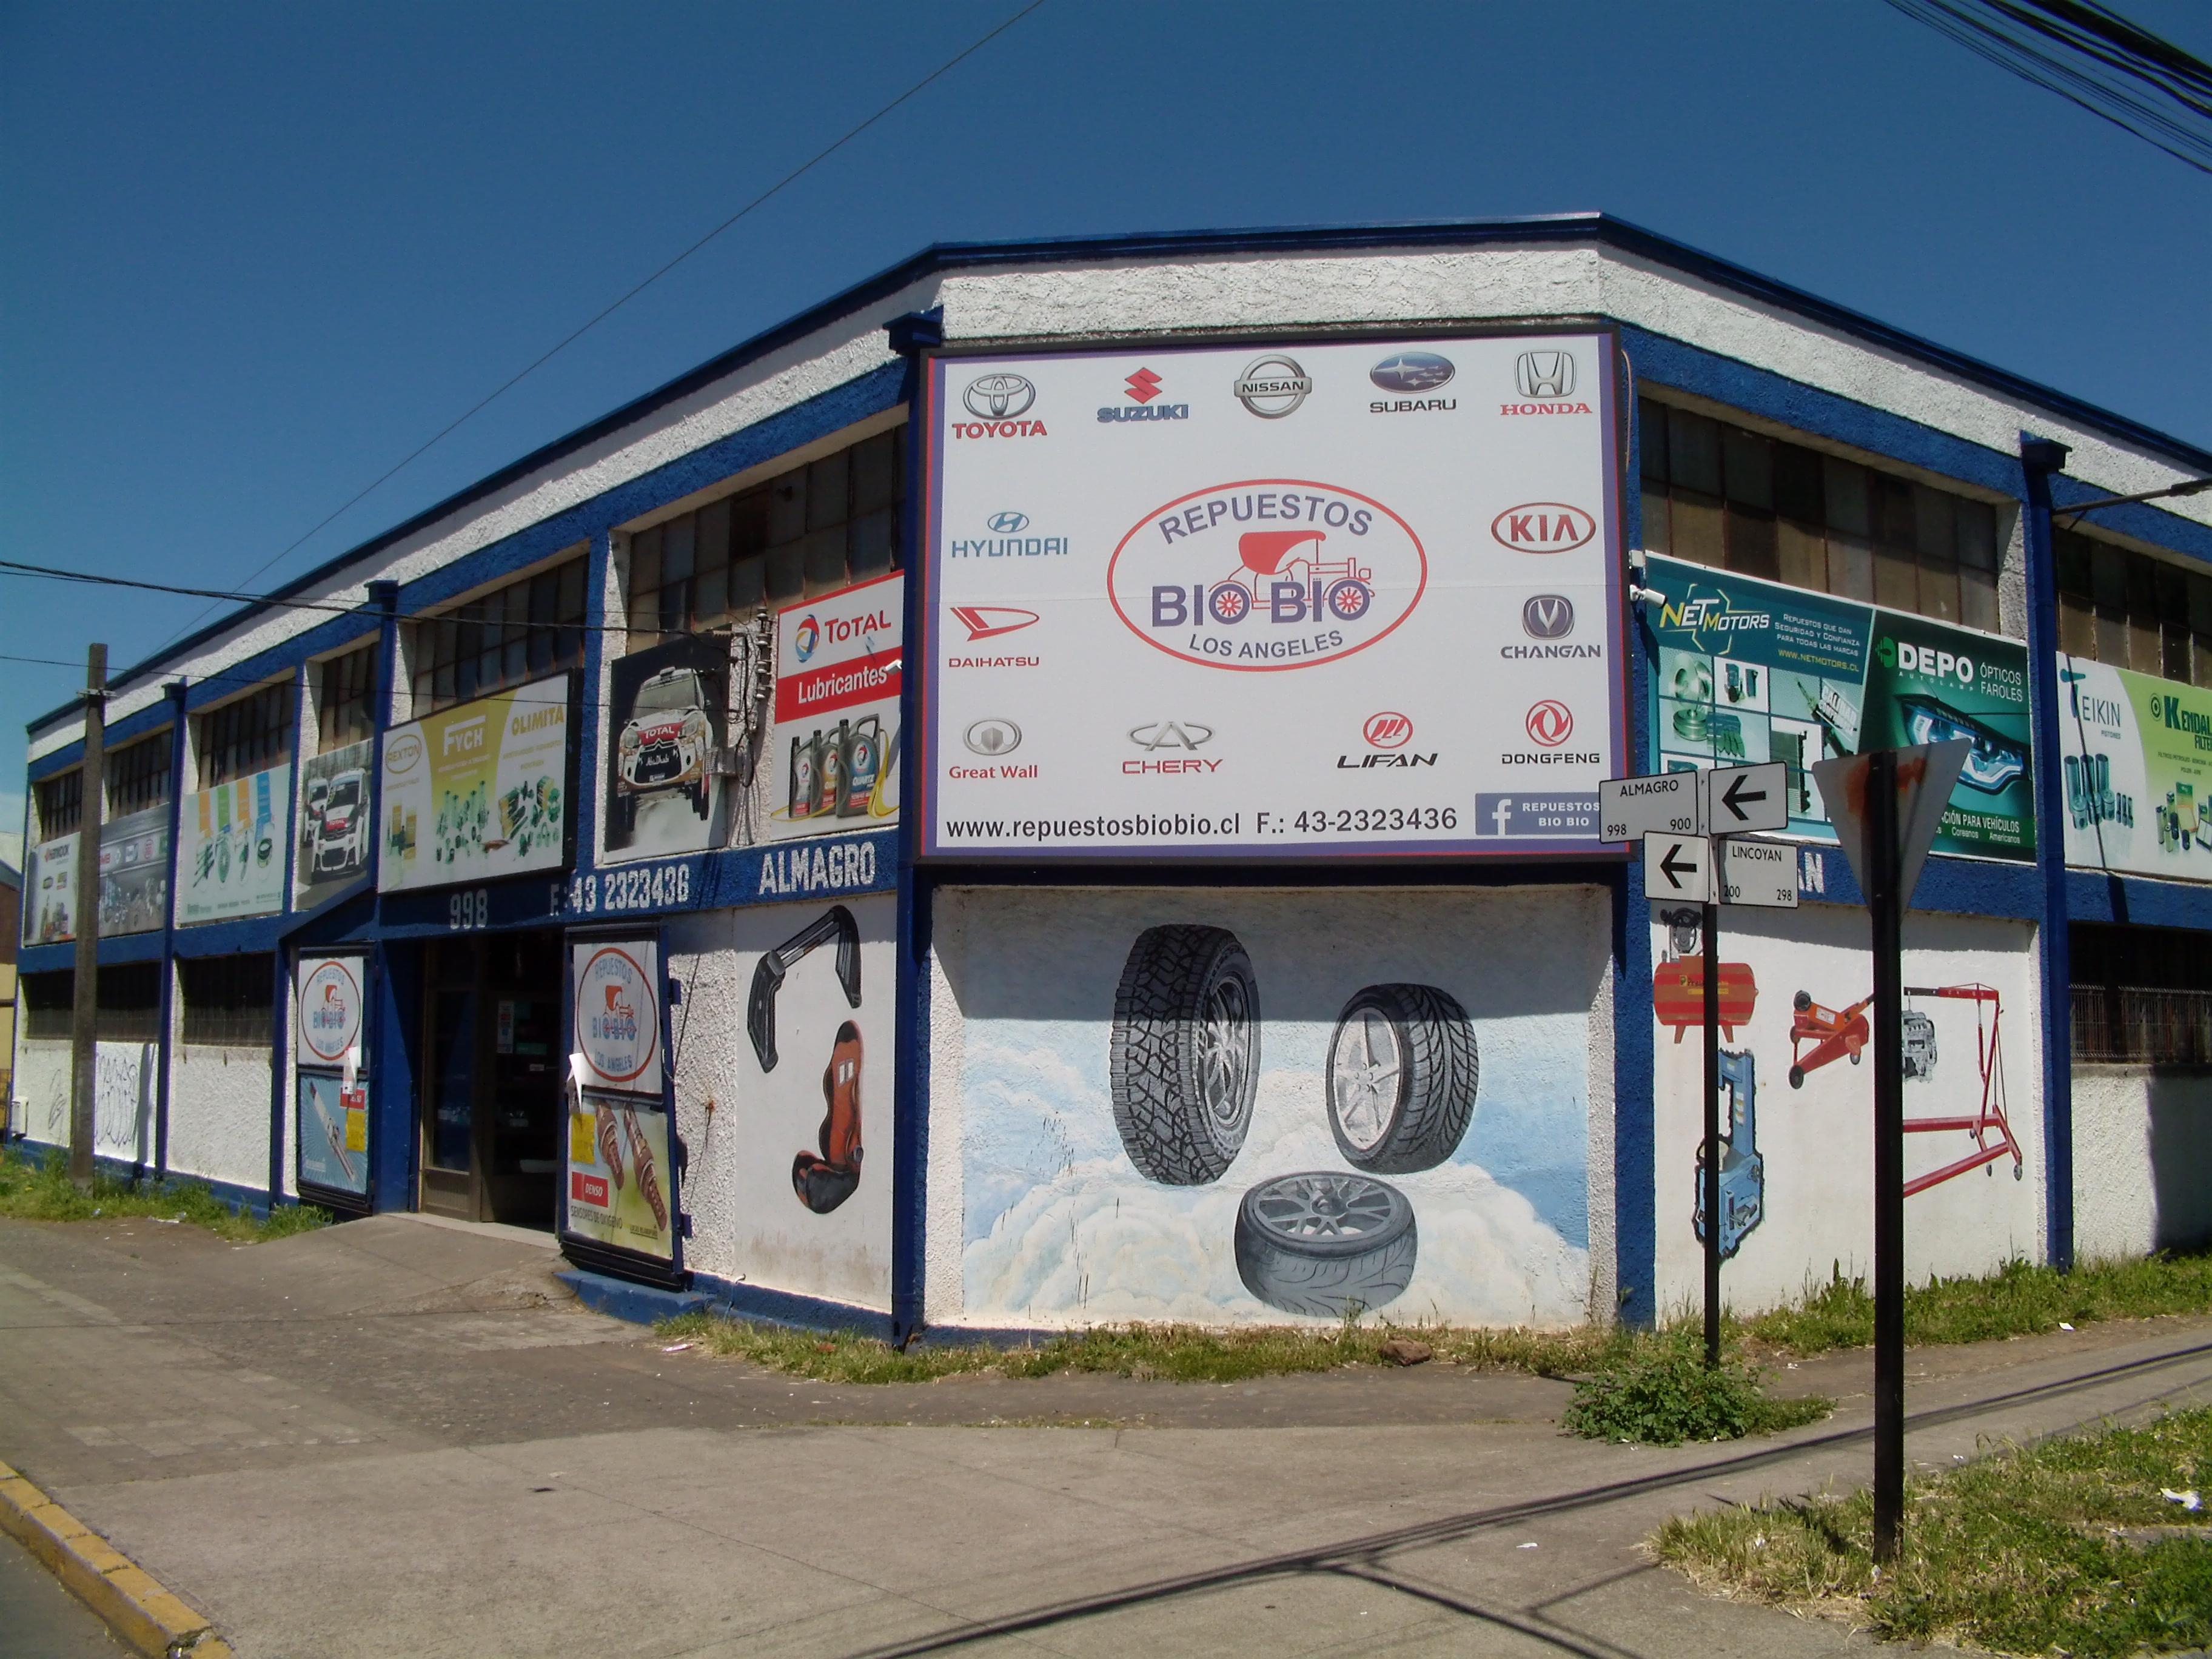 Almagro 998, Los Angeles, (Casa Matriz)